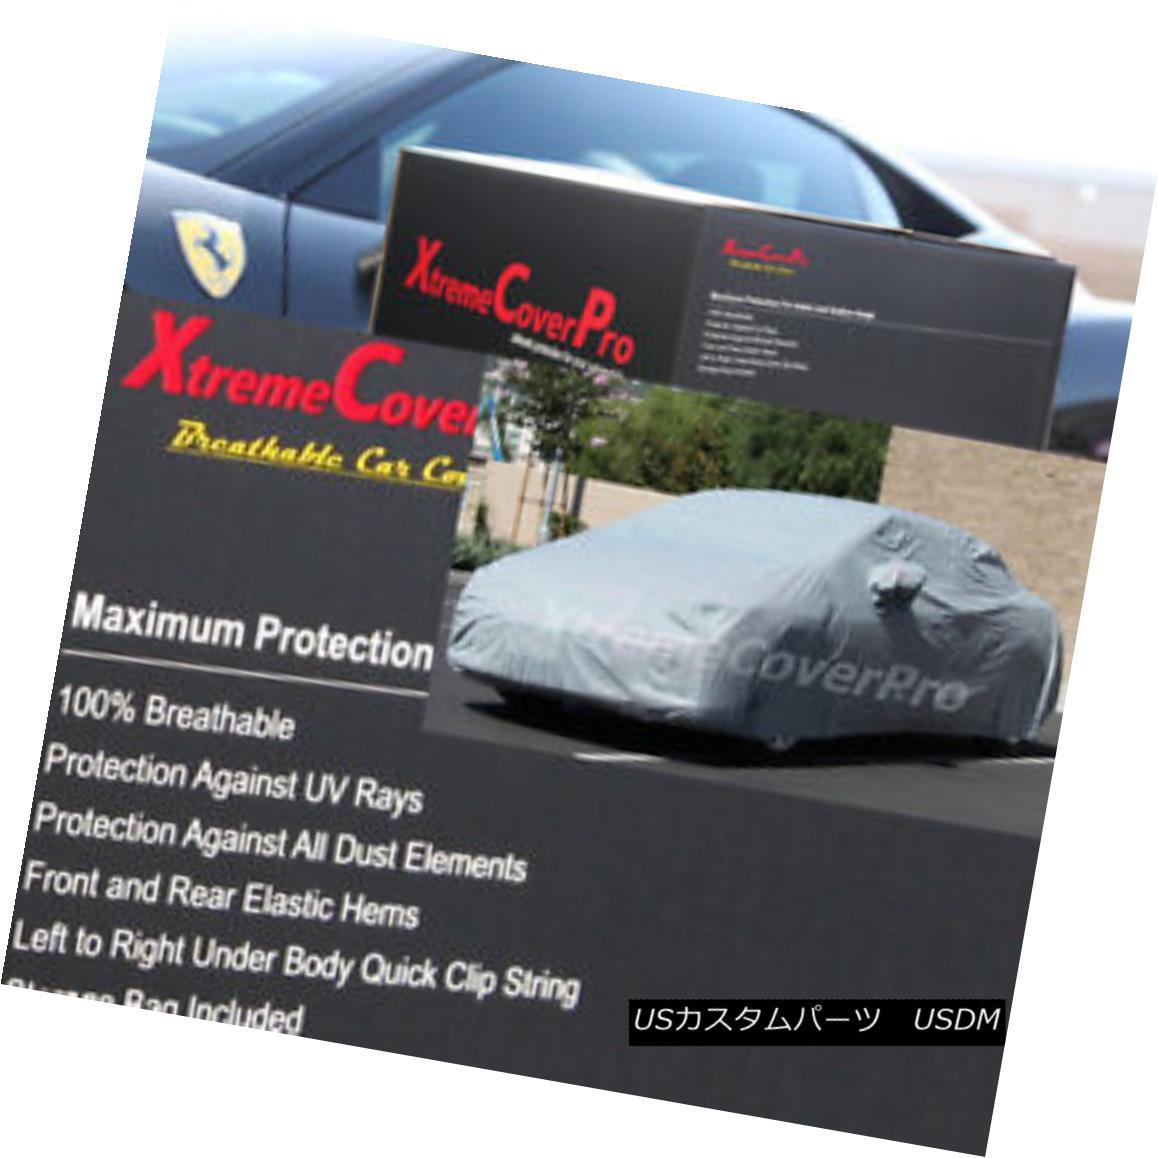 カーカバー 2015 FORD MUSTANG Breathable Car Cover w/Mirror Pockets - Gray 2015 FORD MUSTANG通気性のある車カバー付き/ミラーポケット - グレー